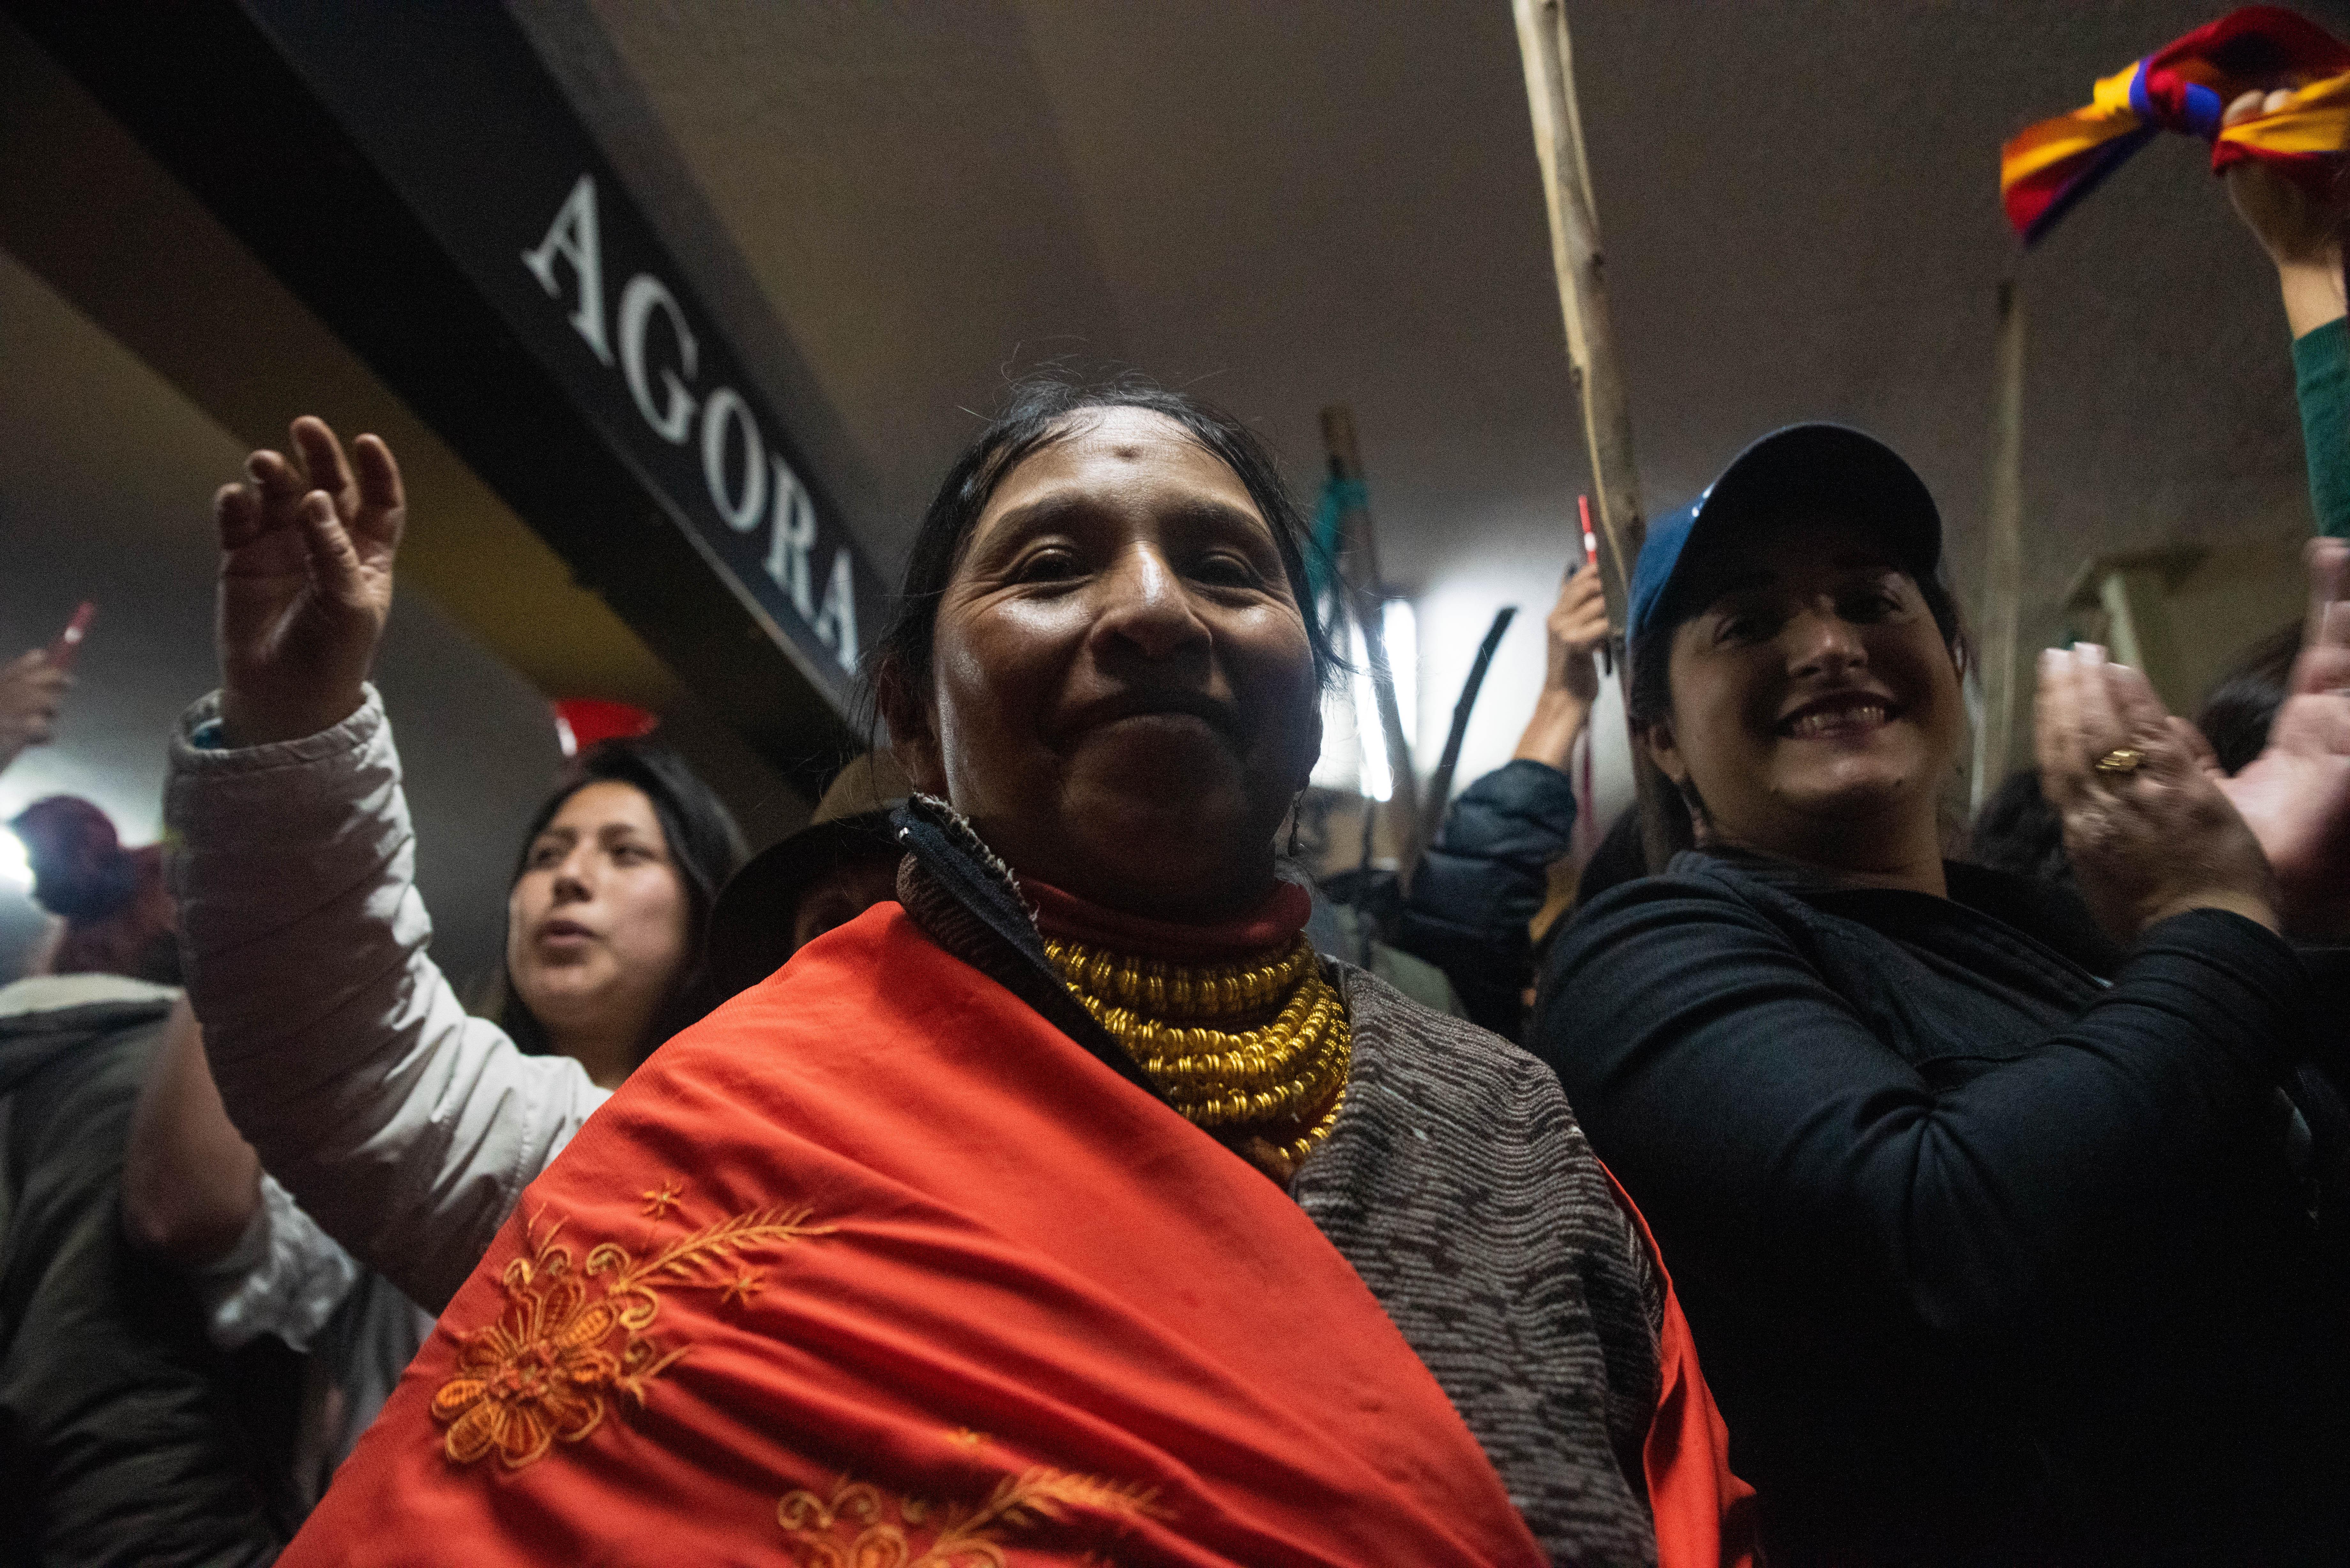 """Mientras que miles de manifestantes toman la ciudad para celebrar, el presidente Lenín Moreno afirmó que no existe """"otro principio más maravilloso que la paz""""."""